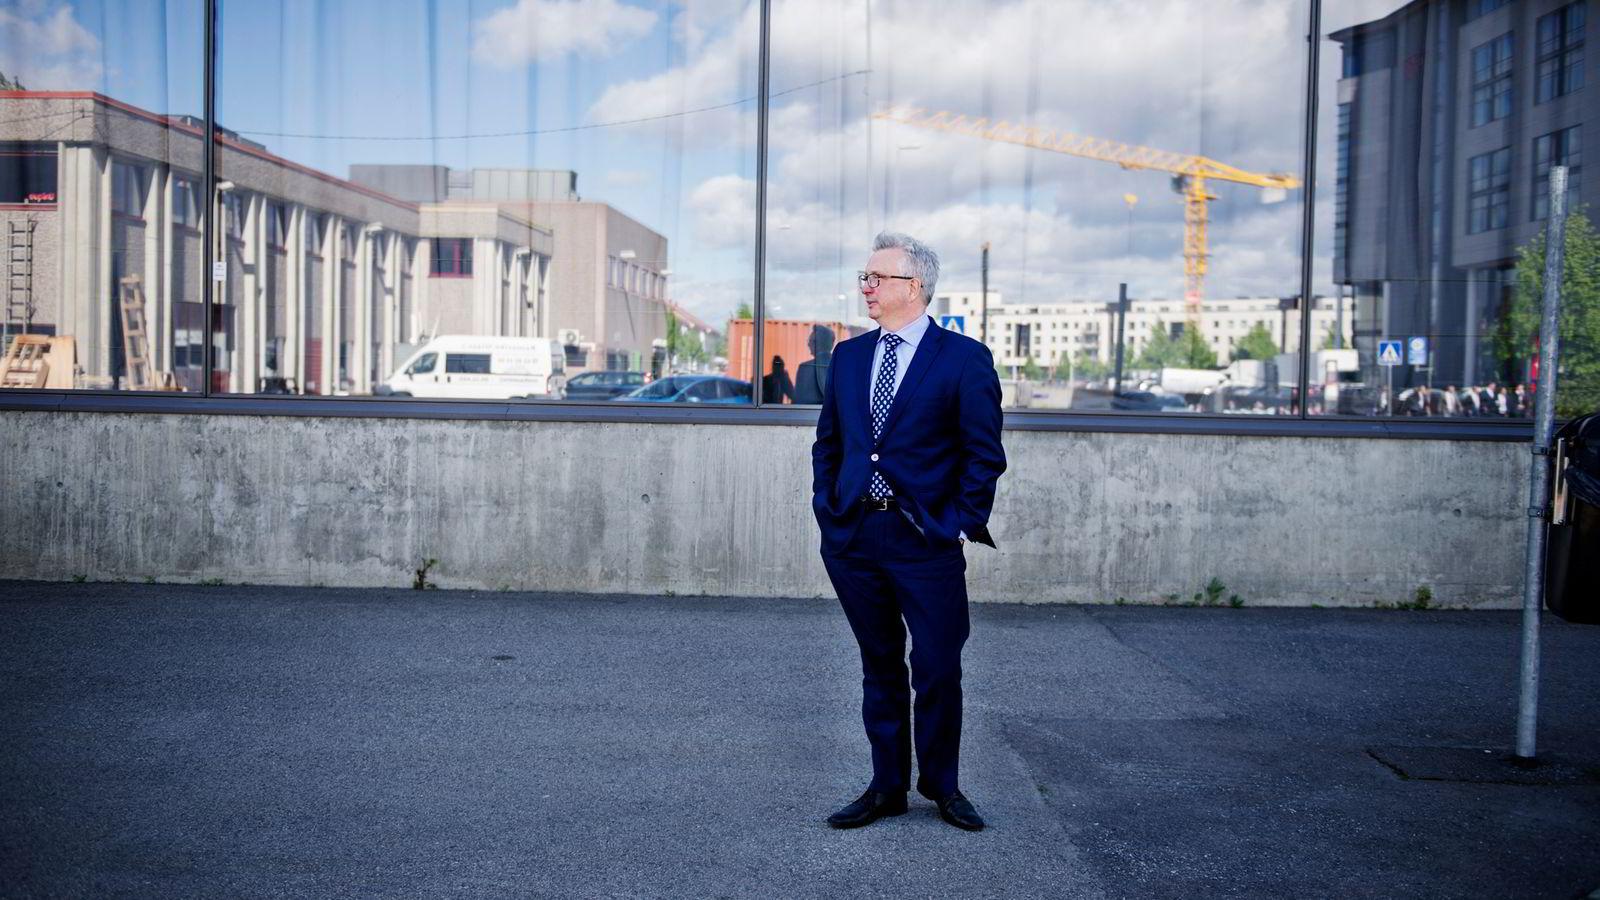 Administrerende direktør Karl Eirik Schjøtt-Pedersen i Norsk olje og gass tror ikke investeringsnivået vil komme tilbake dit det var i toppårene.